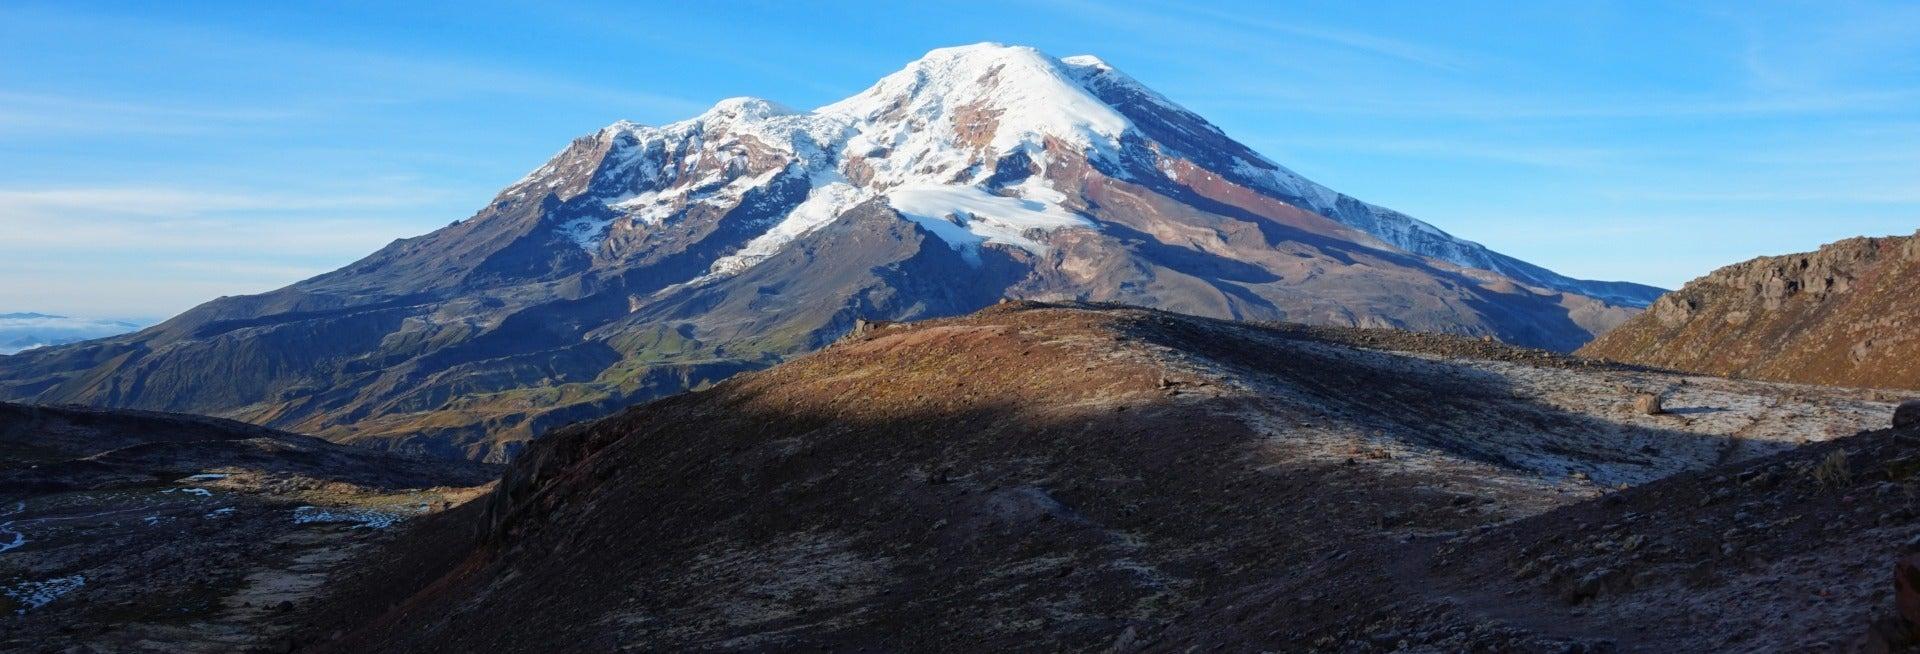 Excursión al volcán Chimborazo + Iglesia de Balbanera